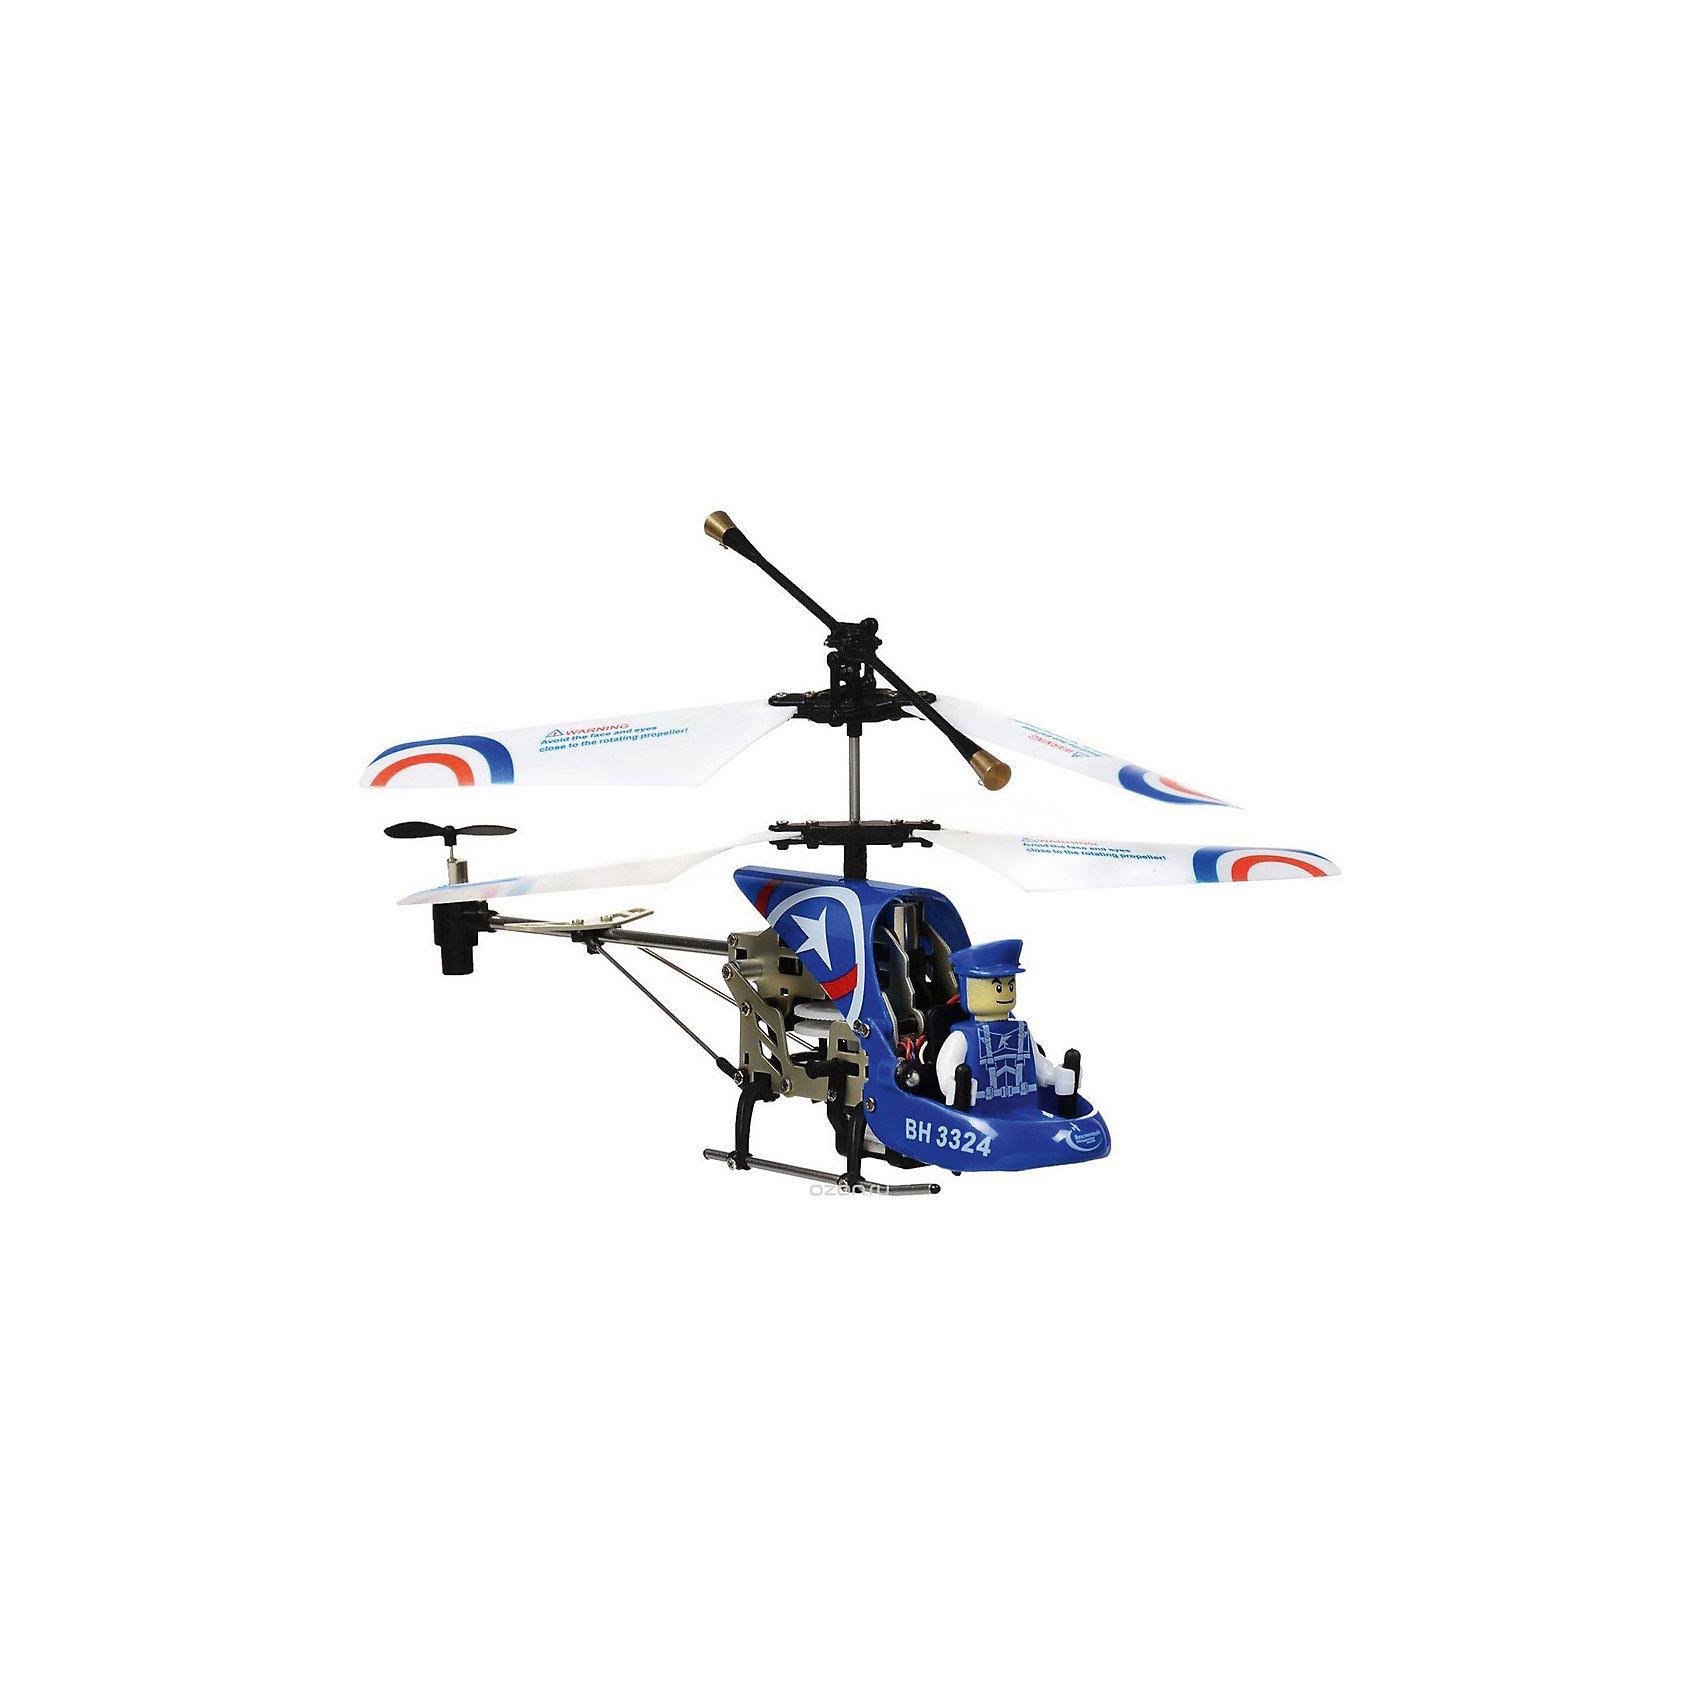 Вертолет на р/у Патруль, синий, Властелин небесРадиоуправляемый транспорт<br>Вертолет на р/у Патруль, синий, Властелин небес<br><br>Характеристики:<br><br>• вы можете управлять вертолетом на расстоянии до 10 метров<br>• вертолёт летает вверх, вниз, назад, вперёд, а также может зависать в воздухе и совершать повороты<br>• сигнальные огни позволяют совершать полеты в темное время суток<br>• заряжается с помощью USB кабеля<br>• размер вертолета: 21х5х9 см<br>• батарейки: АА - 6 шт. (не входят в комплект) <br>• размер упаковки: 39х14х10 см<br>• в комплекте: вертолет, пульт управления, USB кабель, две запасные лопасти, инструкция<br>• цвет: синий<br><br>Игрушки на радиоуправлении - мечта многих мальчишек. Вертолет от Властелин небес позволит вам осуществить мечту ребенка. Им можно управлять на расстоянии до 10 метров! Вертолет может летать вниз, вверх, в стороны, а также совершать захватывающие повороты и зависать в воздухе. Кроме того, вертолет оснащен светящимися сигнальными огнями, которые сделают игрушку заметной в темноте. За штурвалом находится пилот, в форме и фуражке в тон вертолета. Такой замечательный вертолет никогда не даст ребенку заскучать!<br><br>Игрушка заряжается с помощью USB кабеля, для работы необходимы батарейки АА (6 штук).<br><br>Вертолет на р/у Патруль, синий, Властелин небес можно купить в нашем интернет-магазине.<br><br>Ширина мм: 95<br>Глубина мм: 390<br>Высота мм: 140<br>Вес г: 540<br>Возраст от месяцев: 144<br>Возраст до месяцев: 2147483647<br>Пол: Мужской<br>Возраст: Детский<br>SKU: 5397077